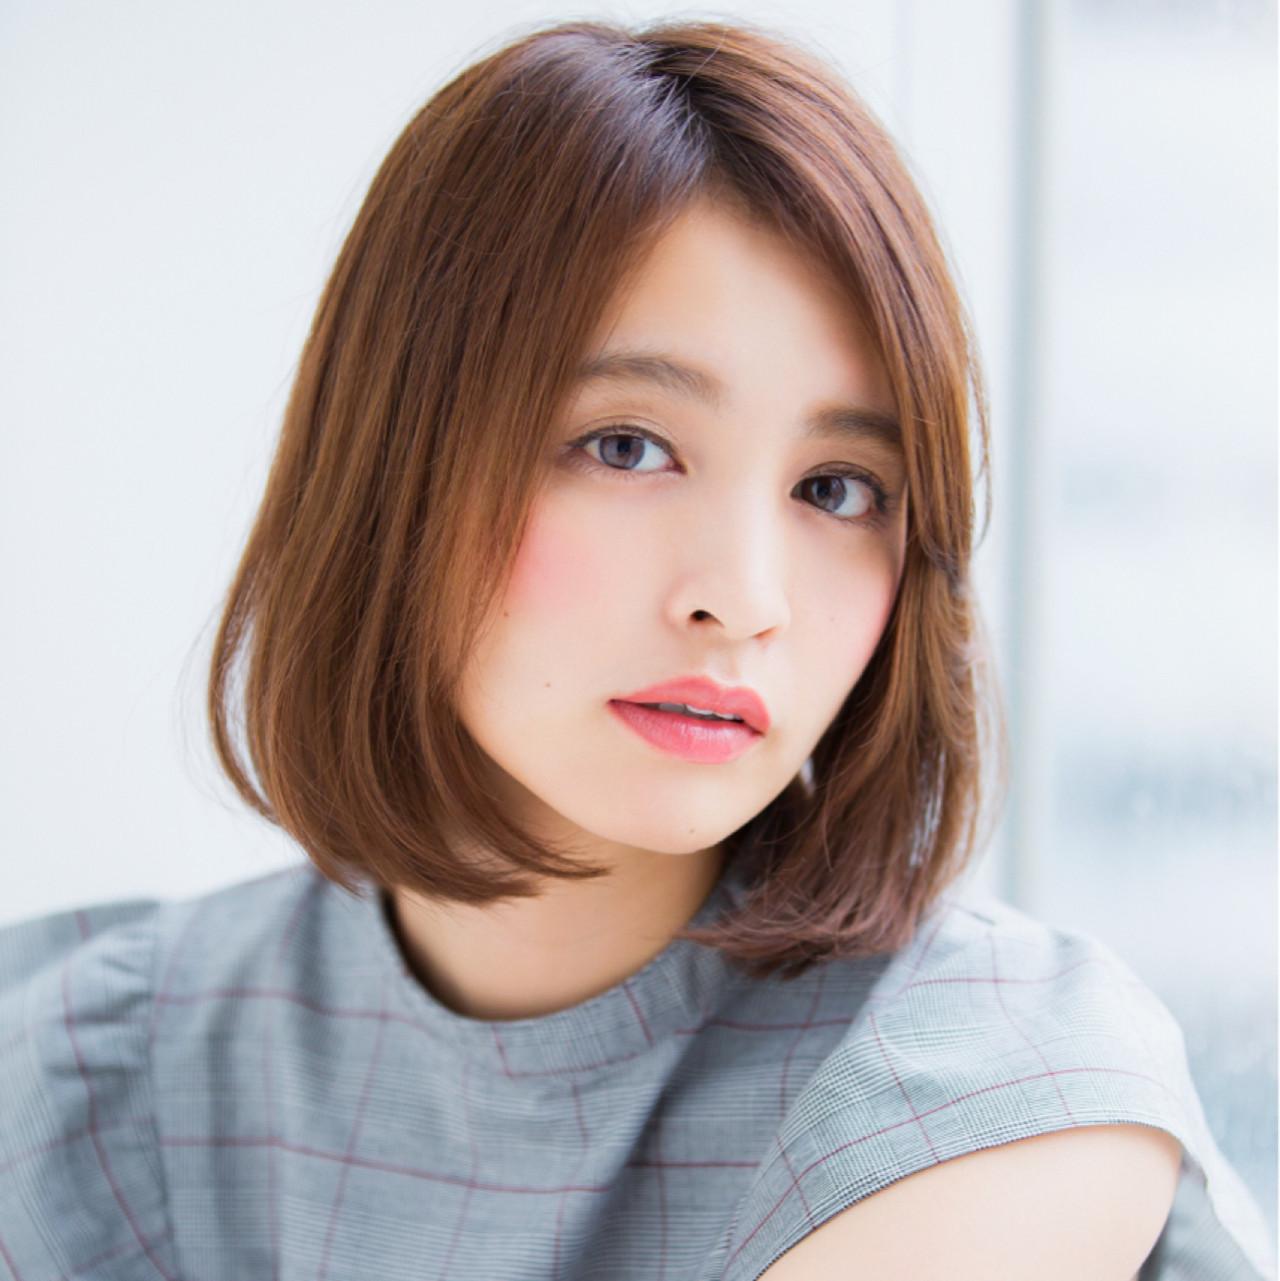 大人女子に人気の髪型とは?力の抜けたナチュラルさが魅力のヘアスタイル10選 東 純平